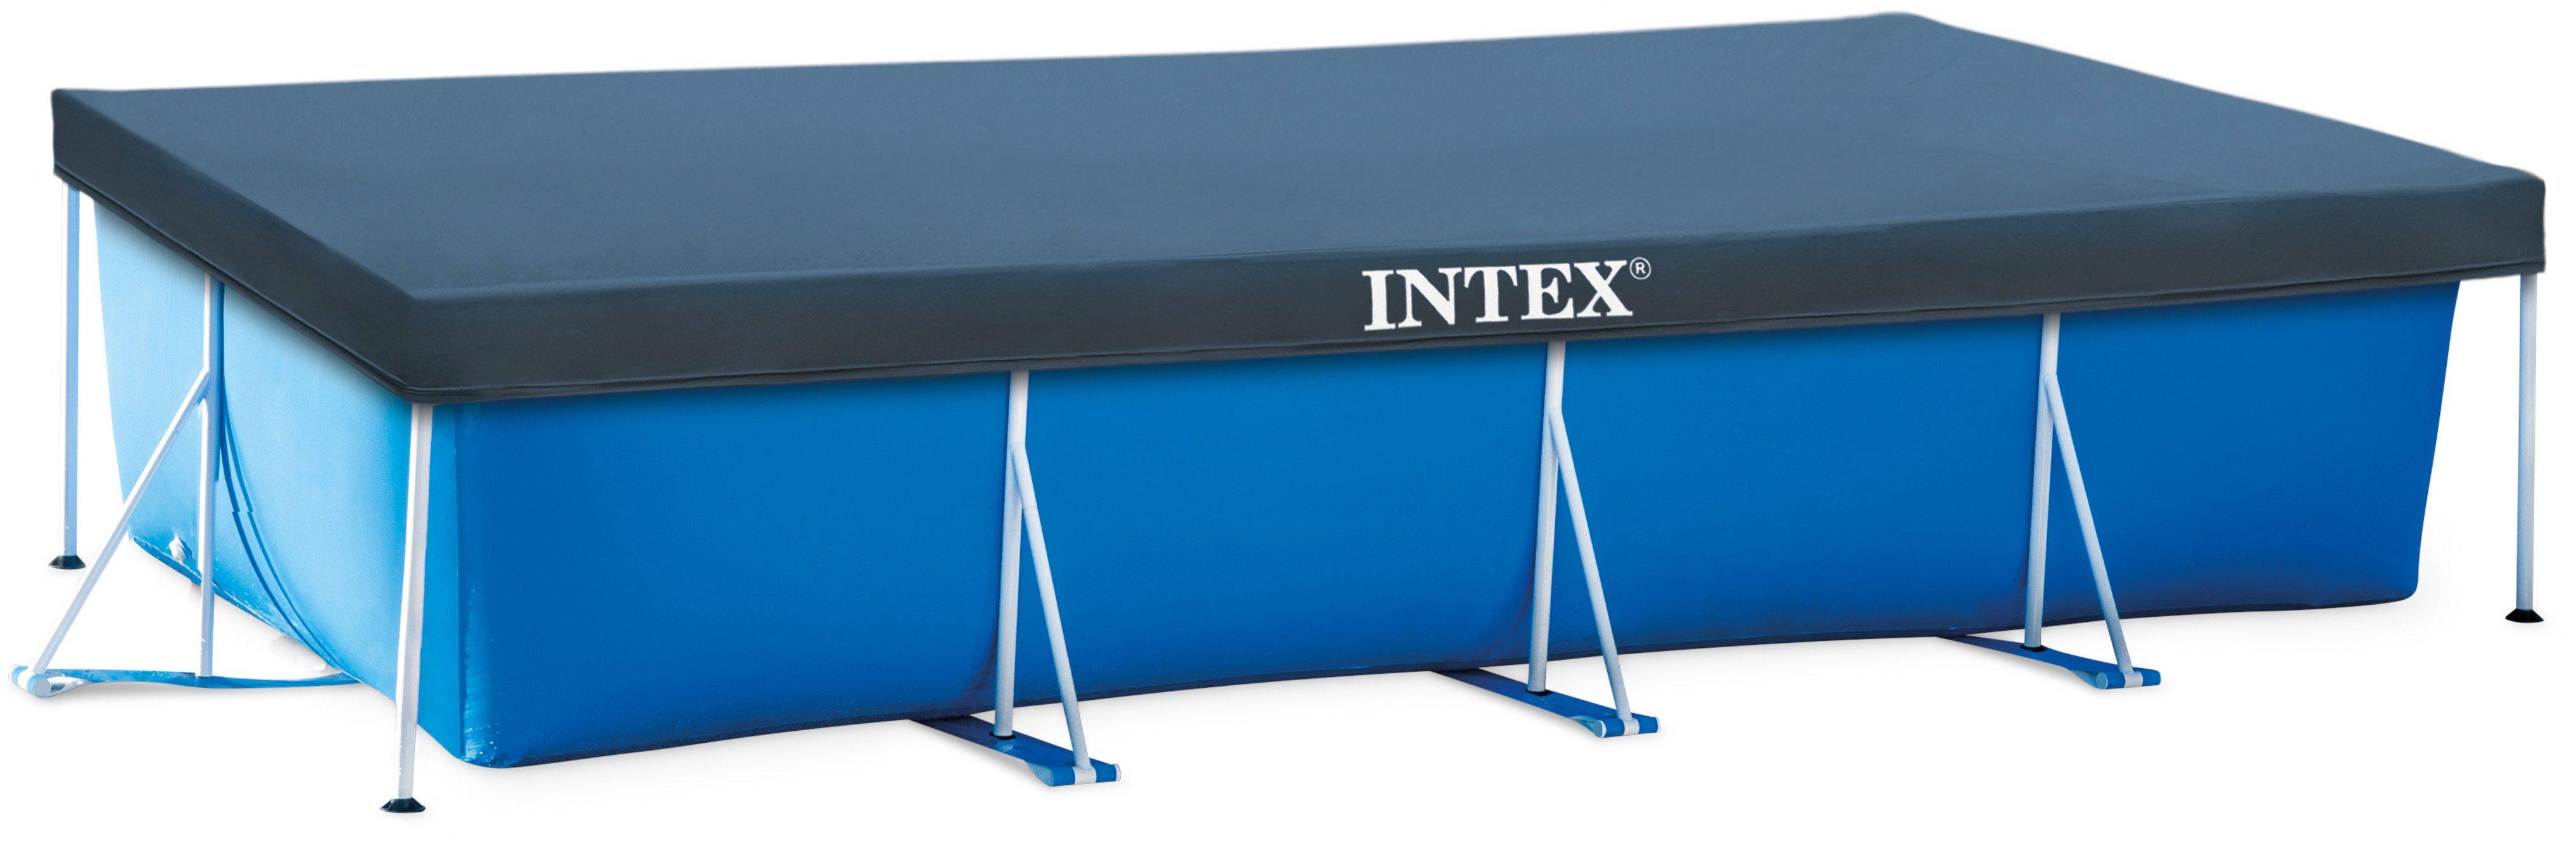 Intex Pool-Abdeckplane, blau, »Pool Cover für r...